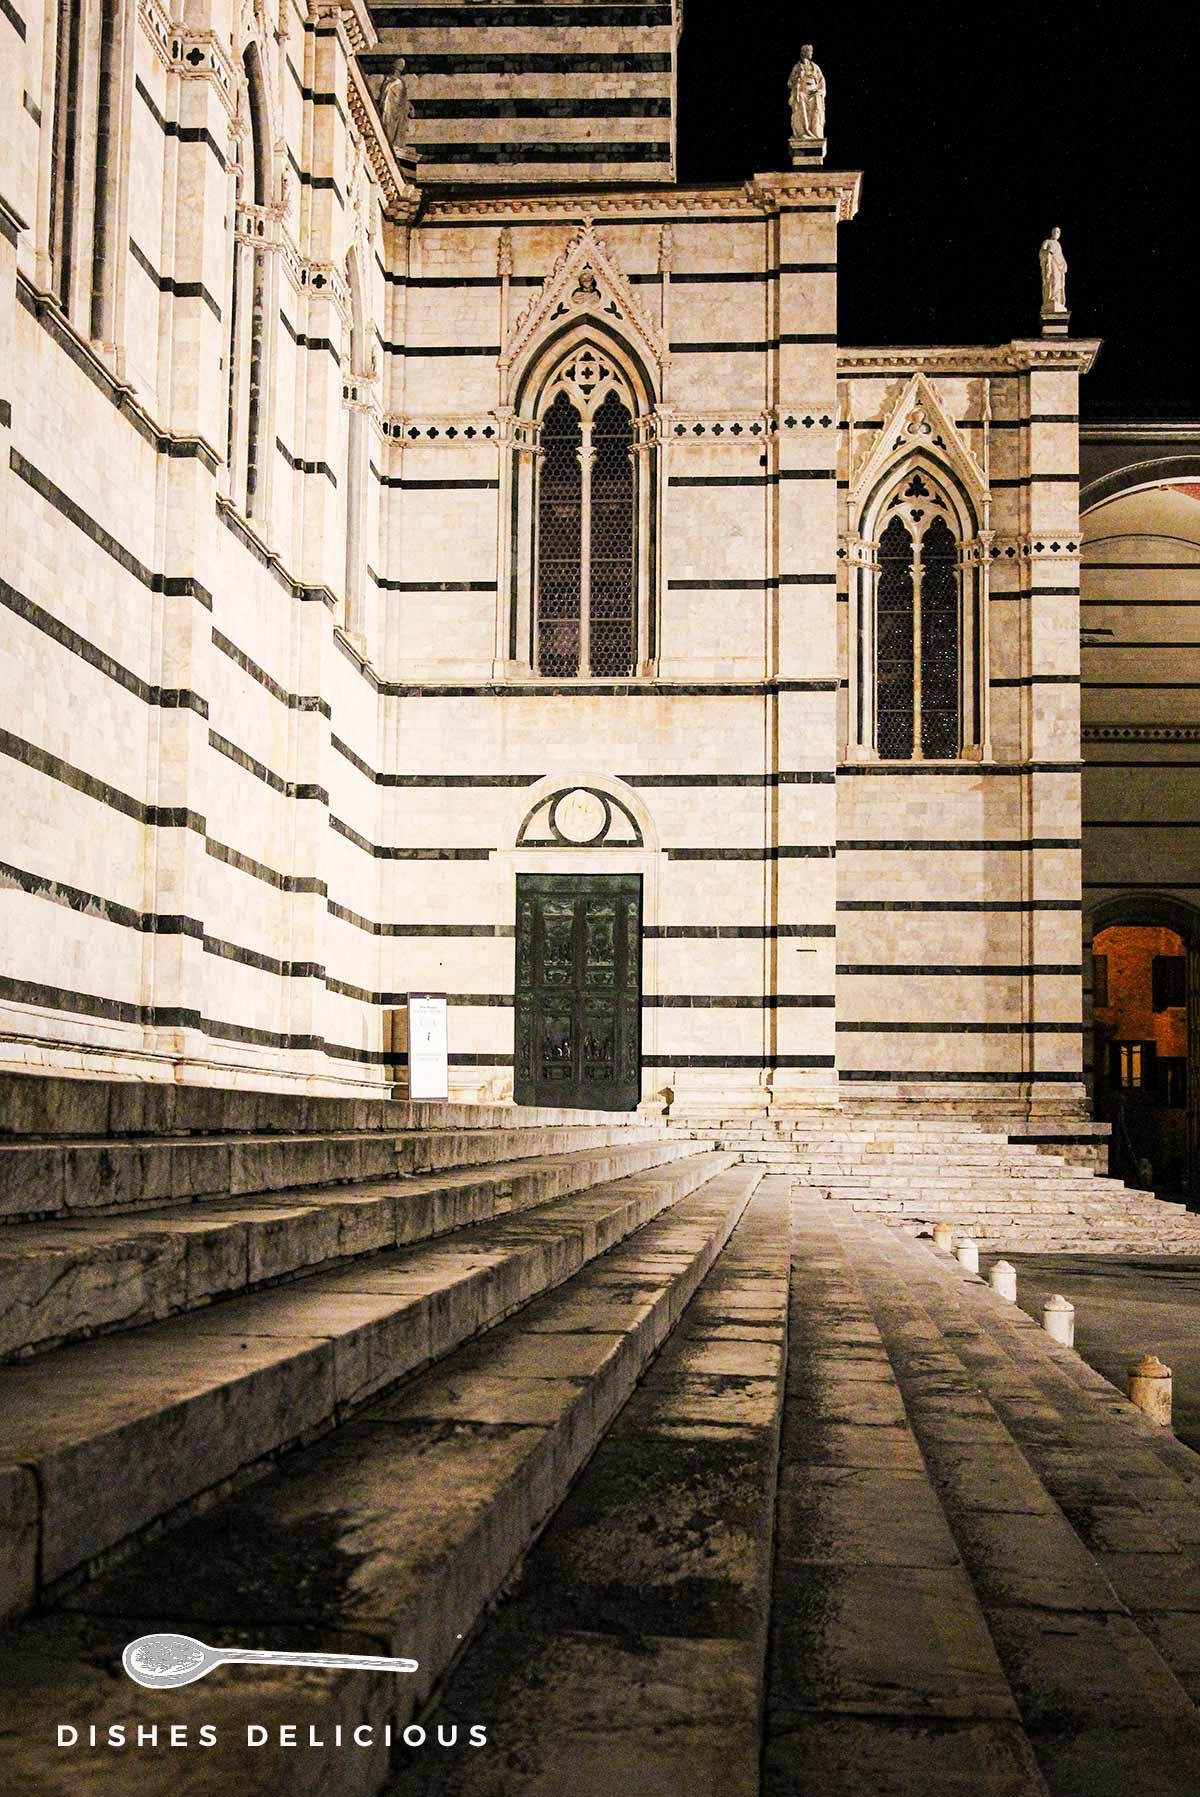 Der Seitenflügel des Doms von Siena am späten Abend